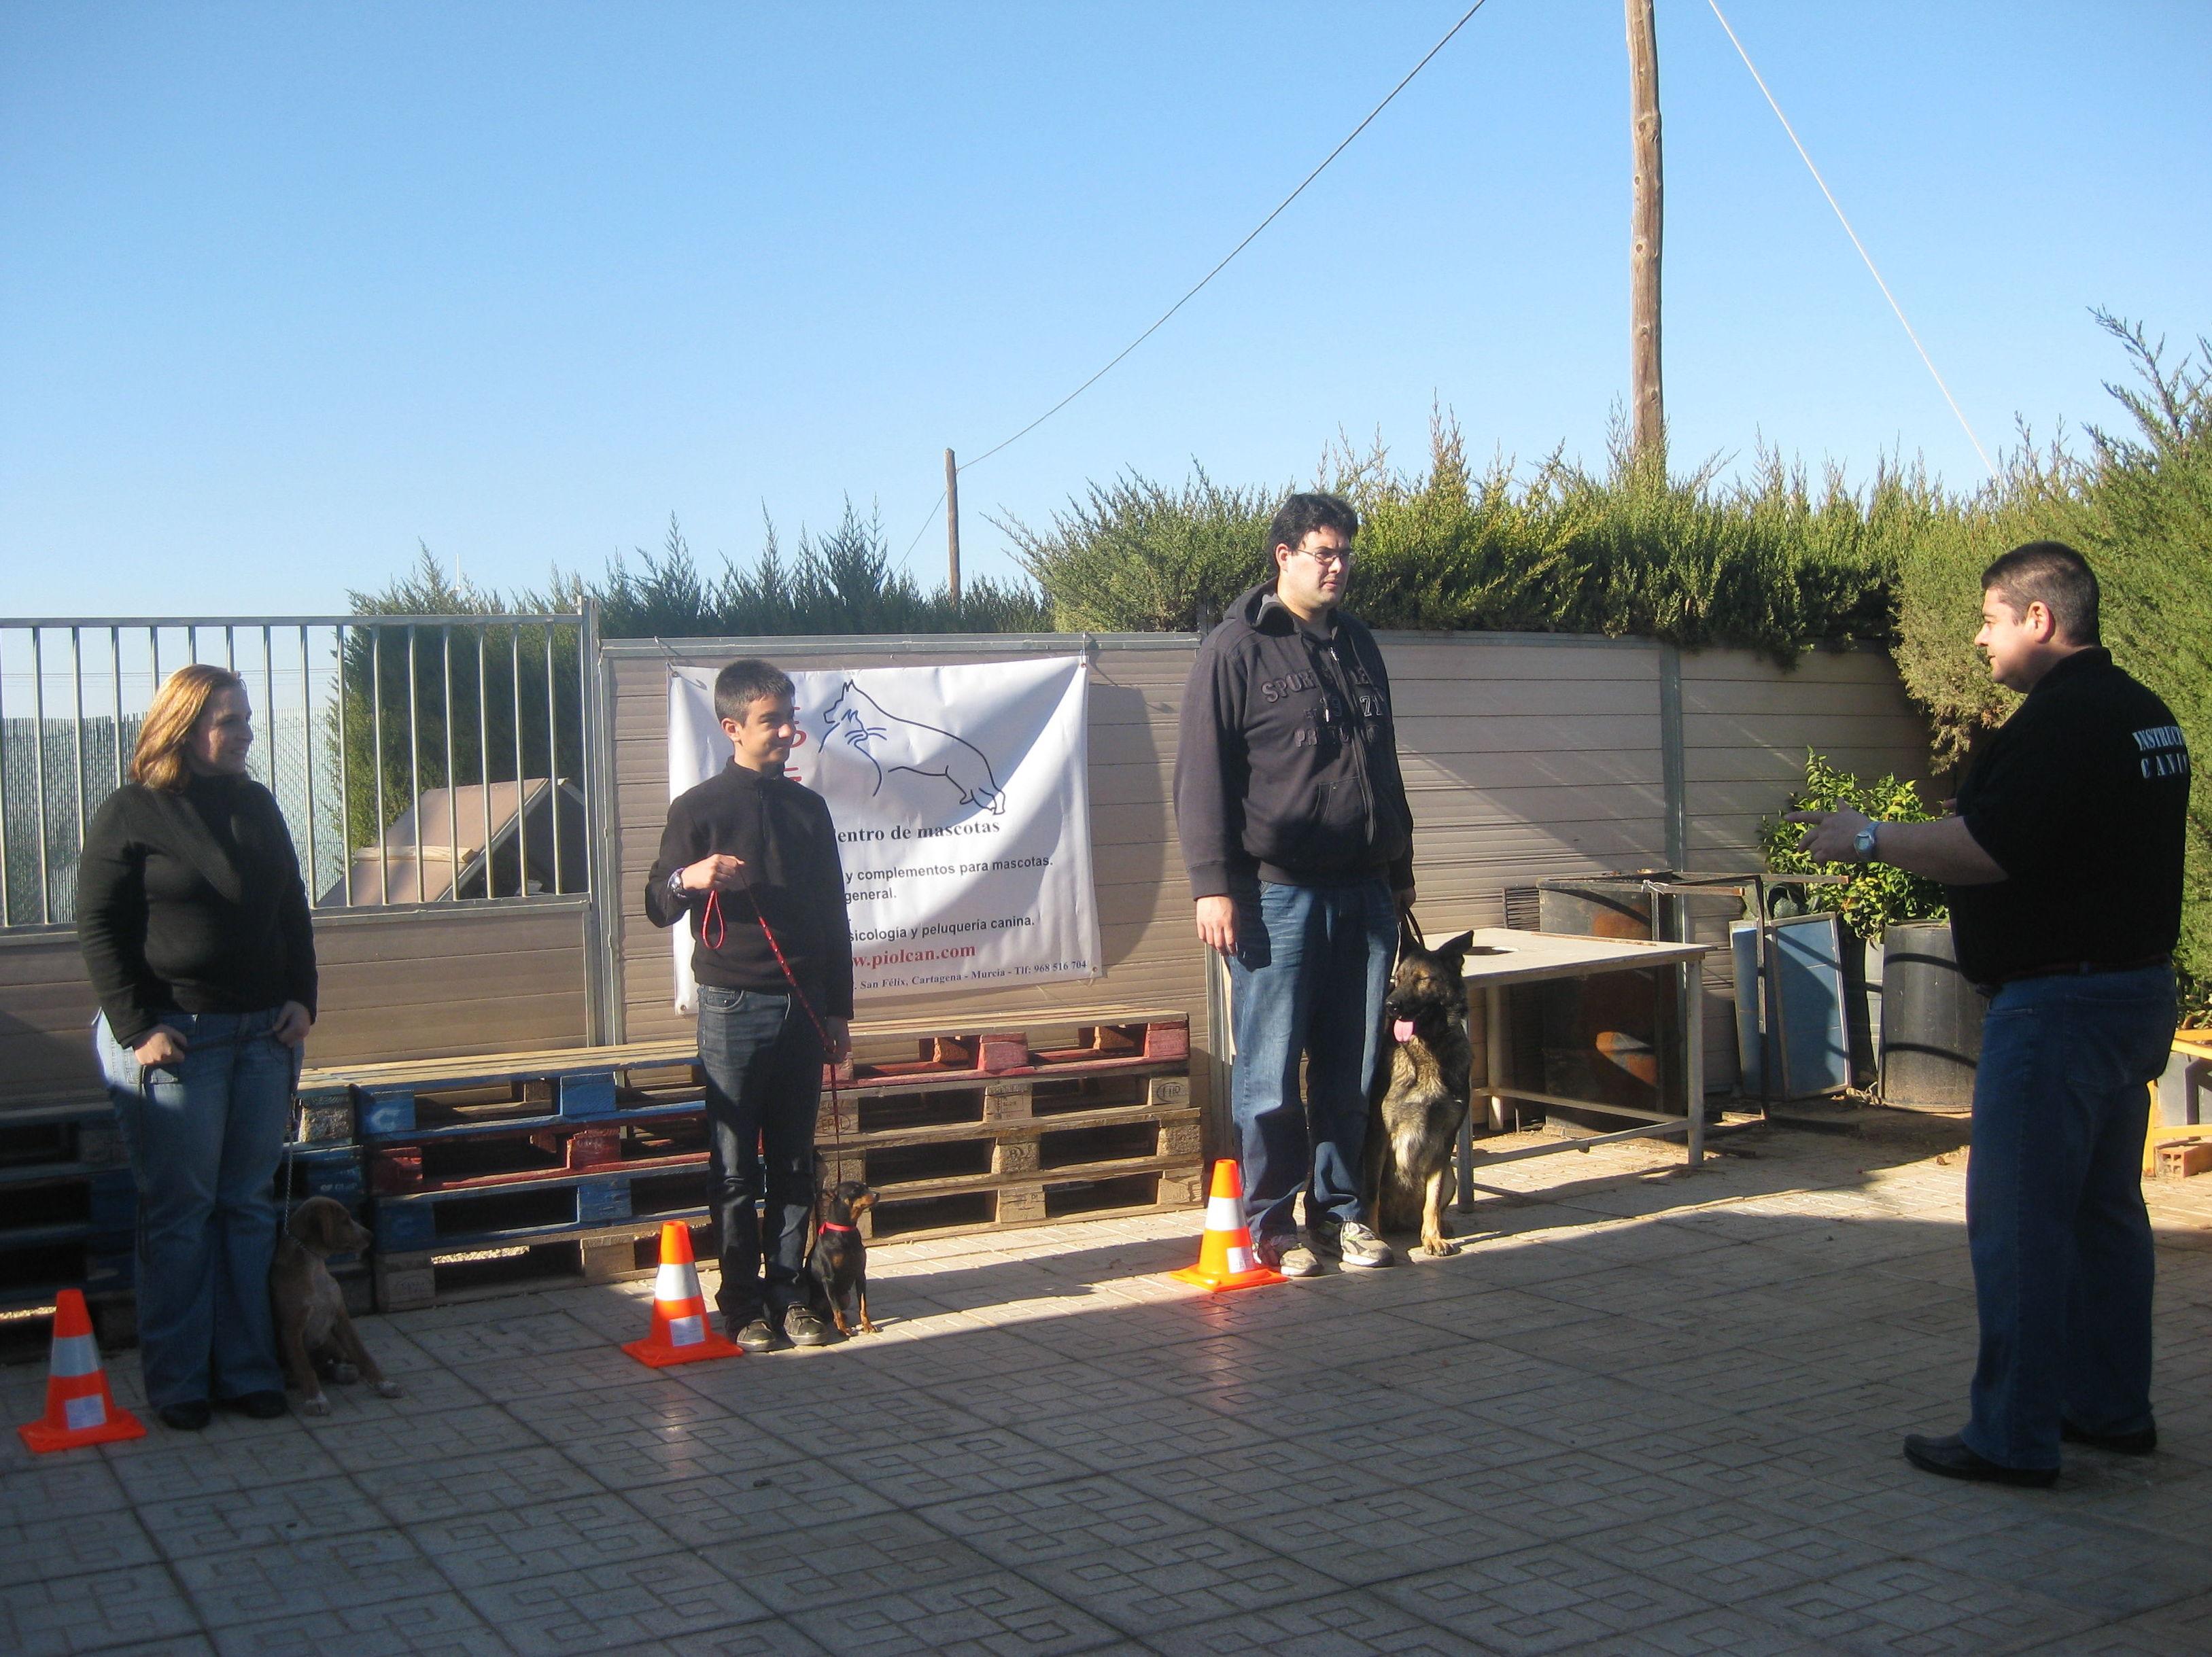 Foto 3 de Adiestramiento canino en Cartagena | Piolcan Adiestramiento Canino y Centro de formación